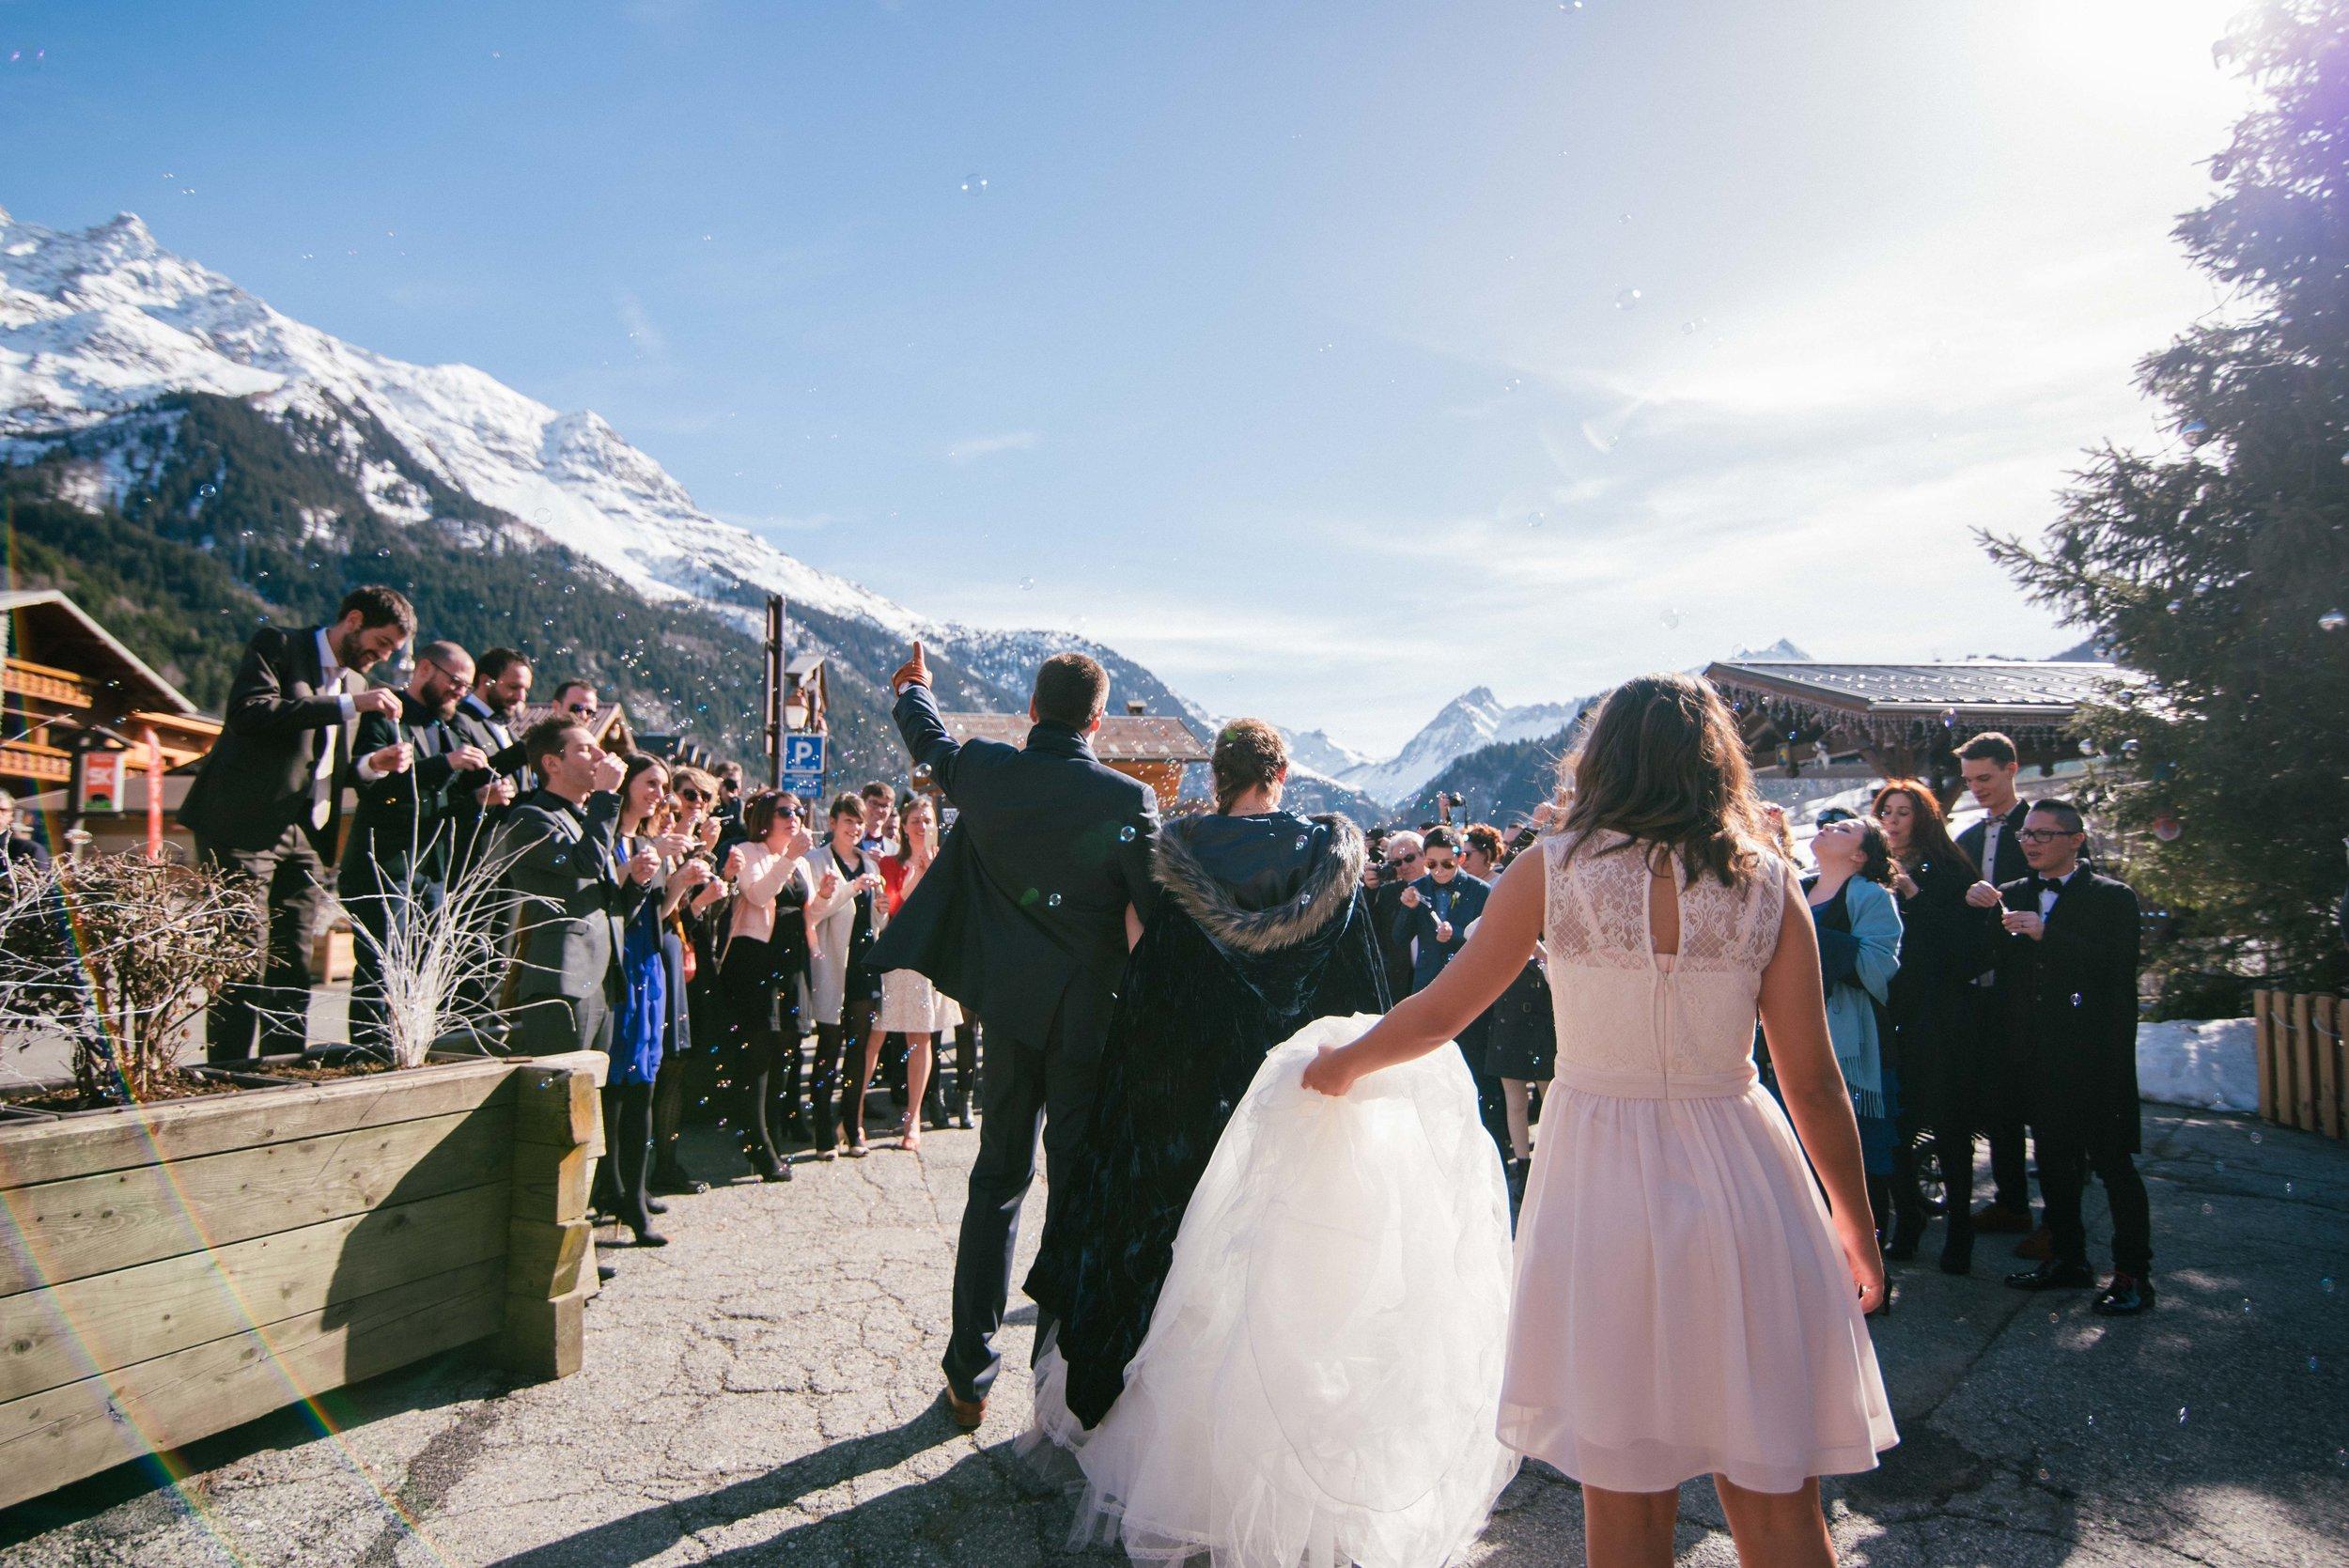 Léa-Fery-photographe-professionnel-lyon-rhone-alpes-portrait-mariage-couple-amour-lovesession-engagement-elopment-2352.jpg